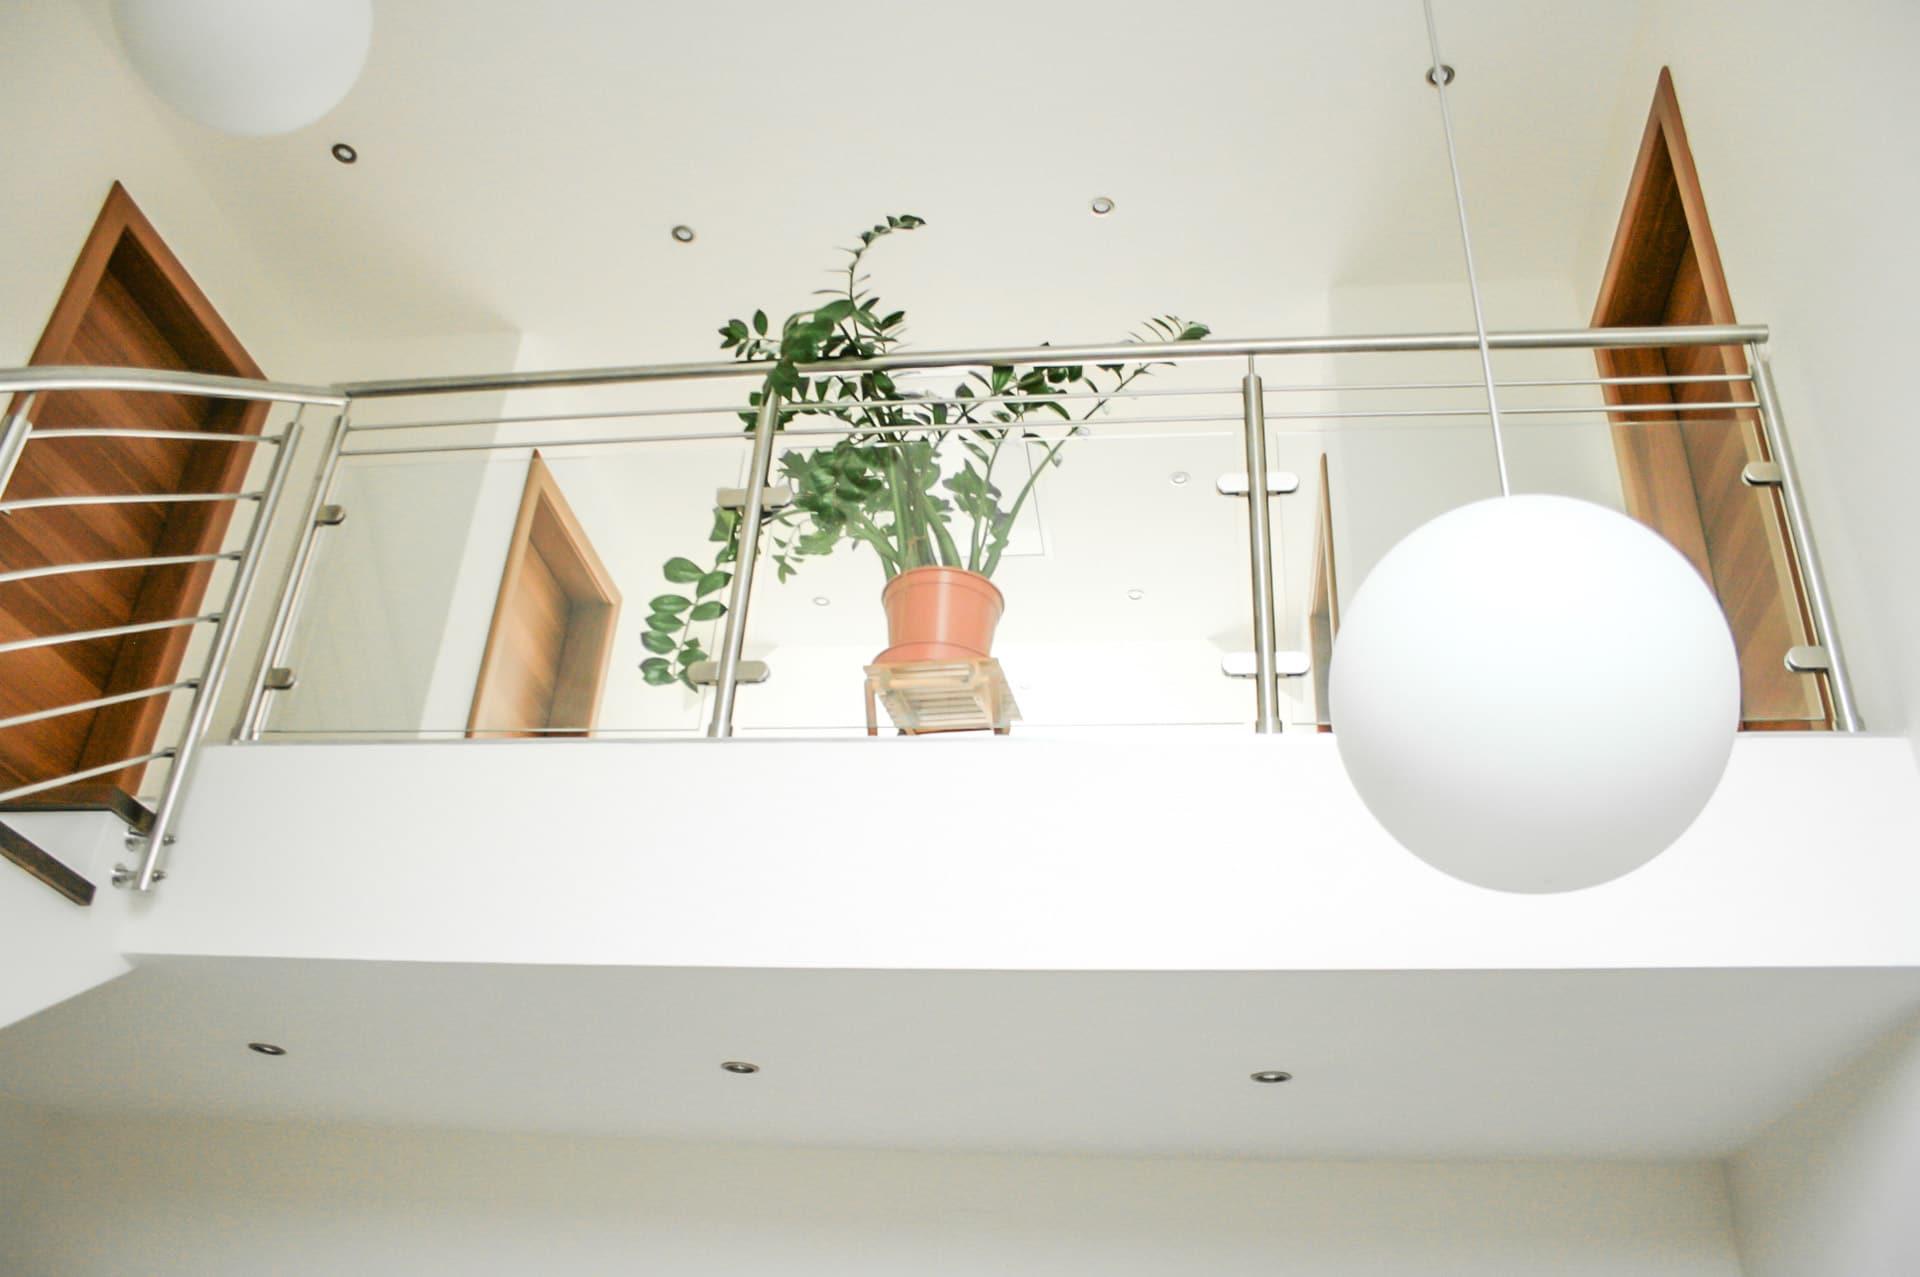 Mailand 04 a | Galerie Innengeländer, Nirosta, Klarglasfüllung, 2 Dekor-Stäbe waagrecht | Svoboda